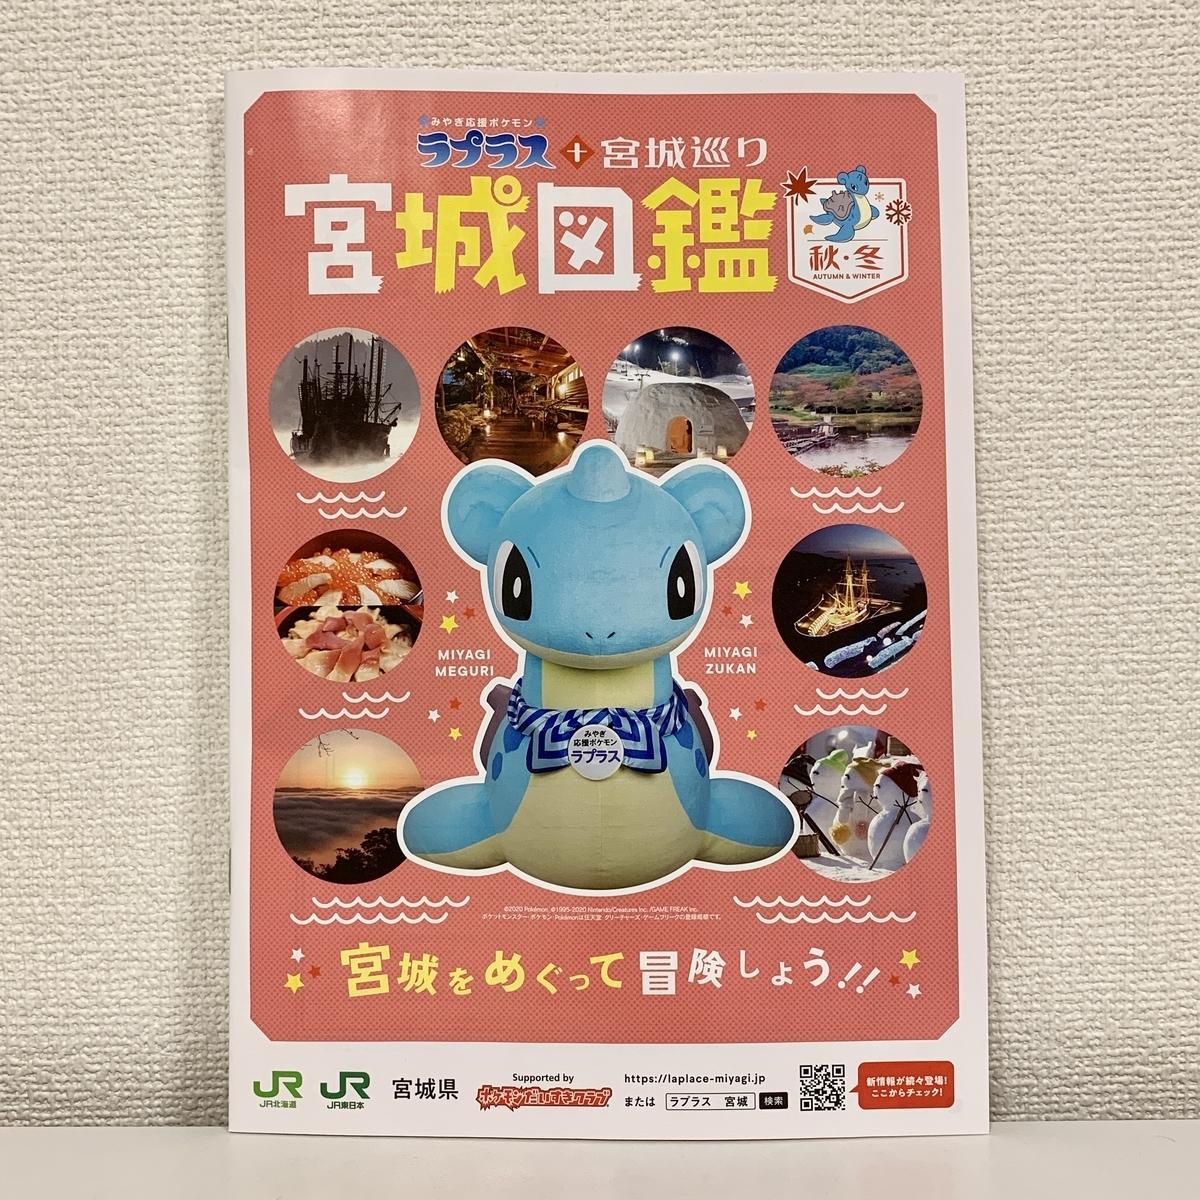 f:id:pikachu_pcn:20201107105710j:plain